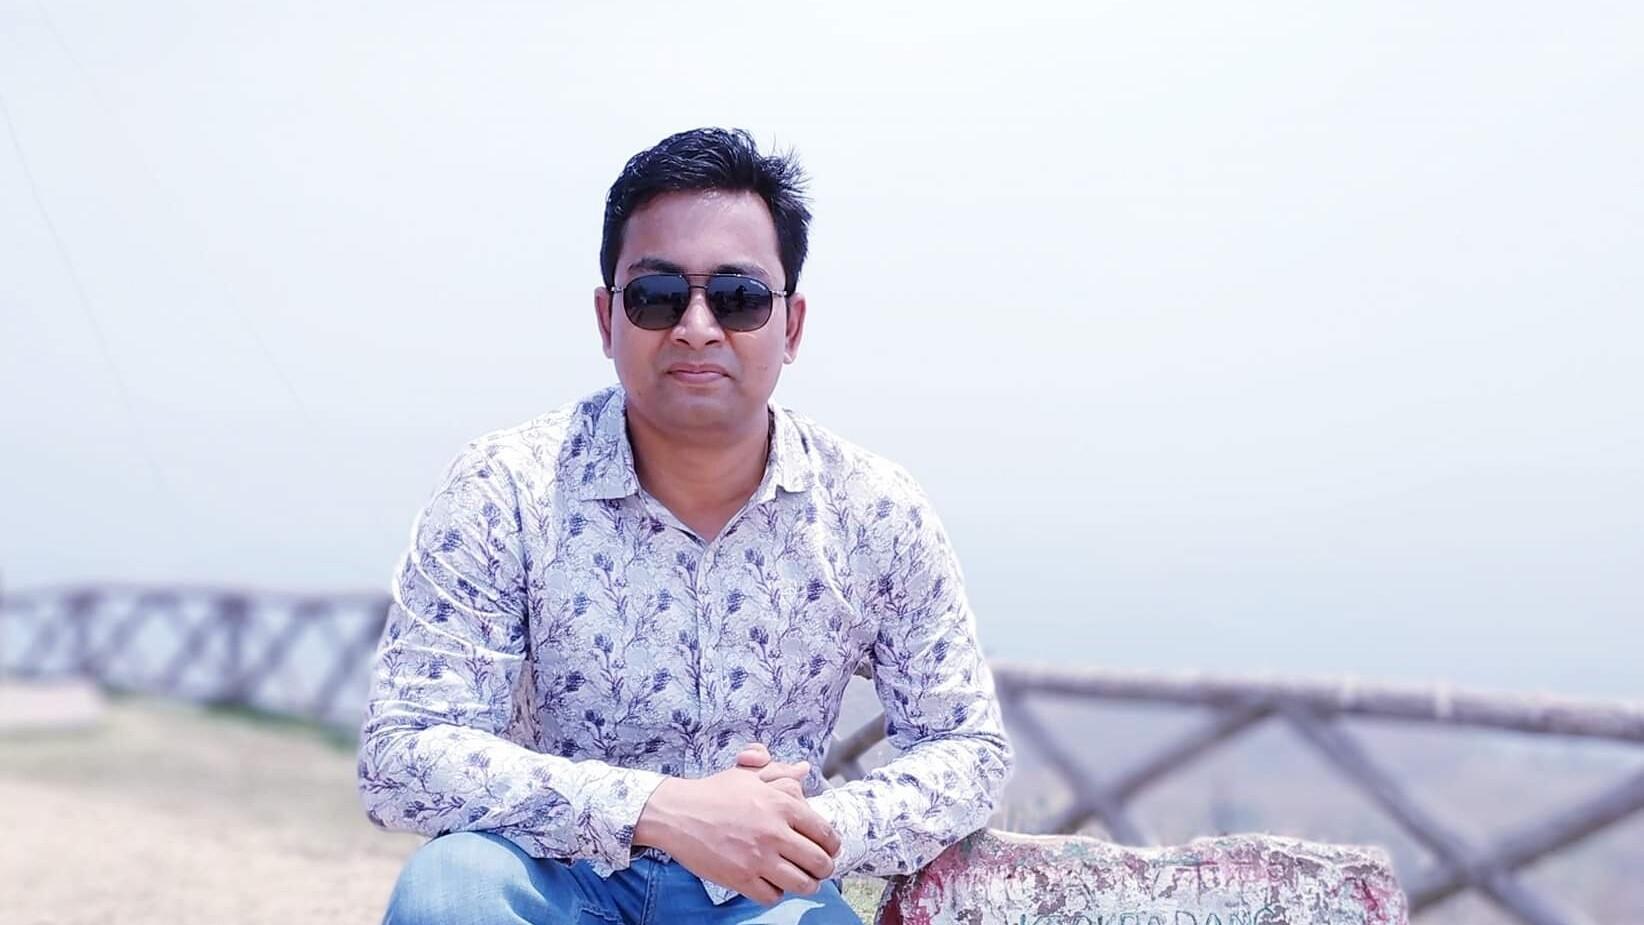 বান্দরবানের ইউএনওকে বিএনপি নেতার হুমকি